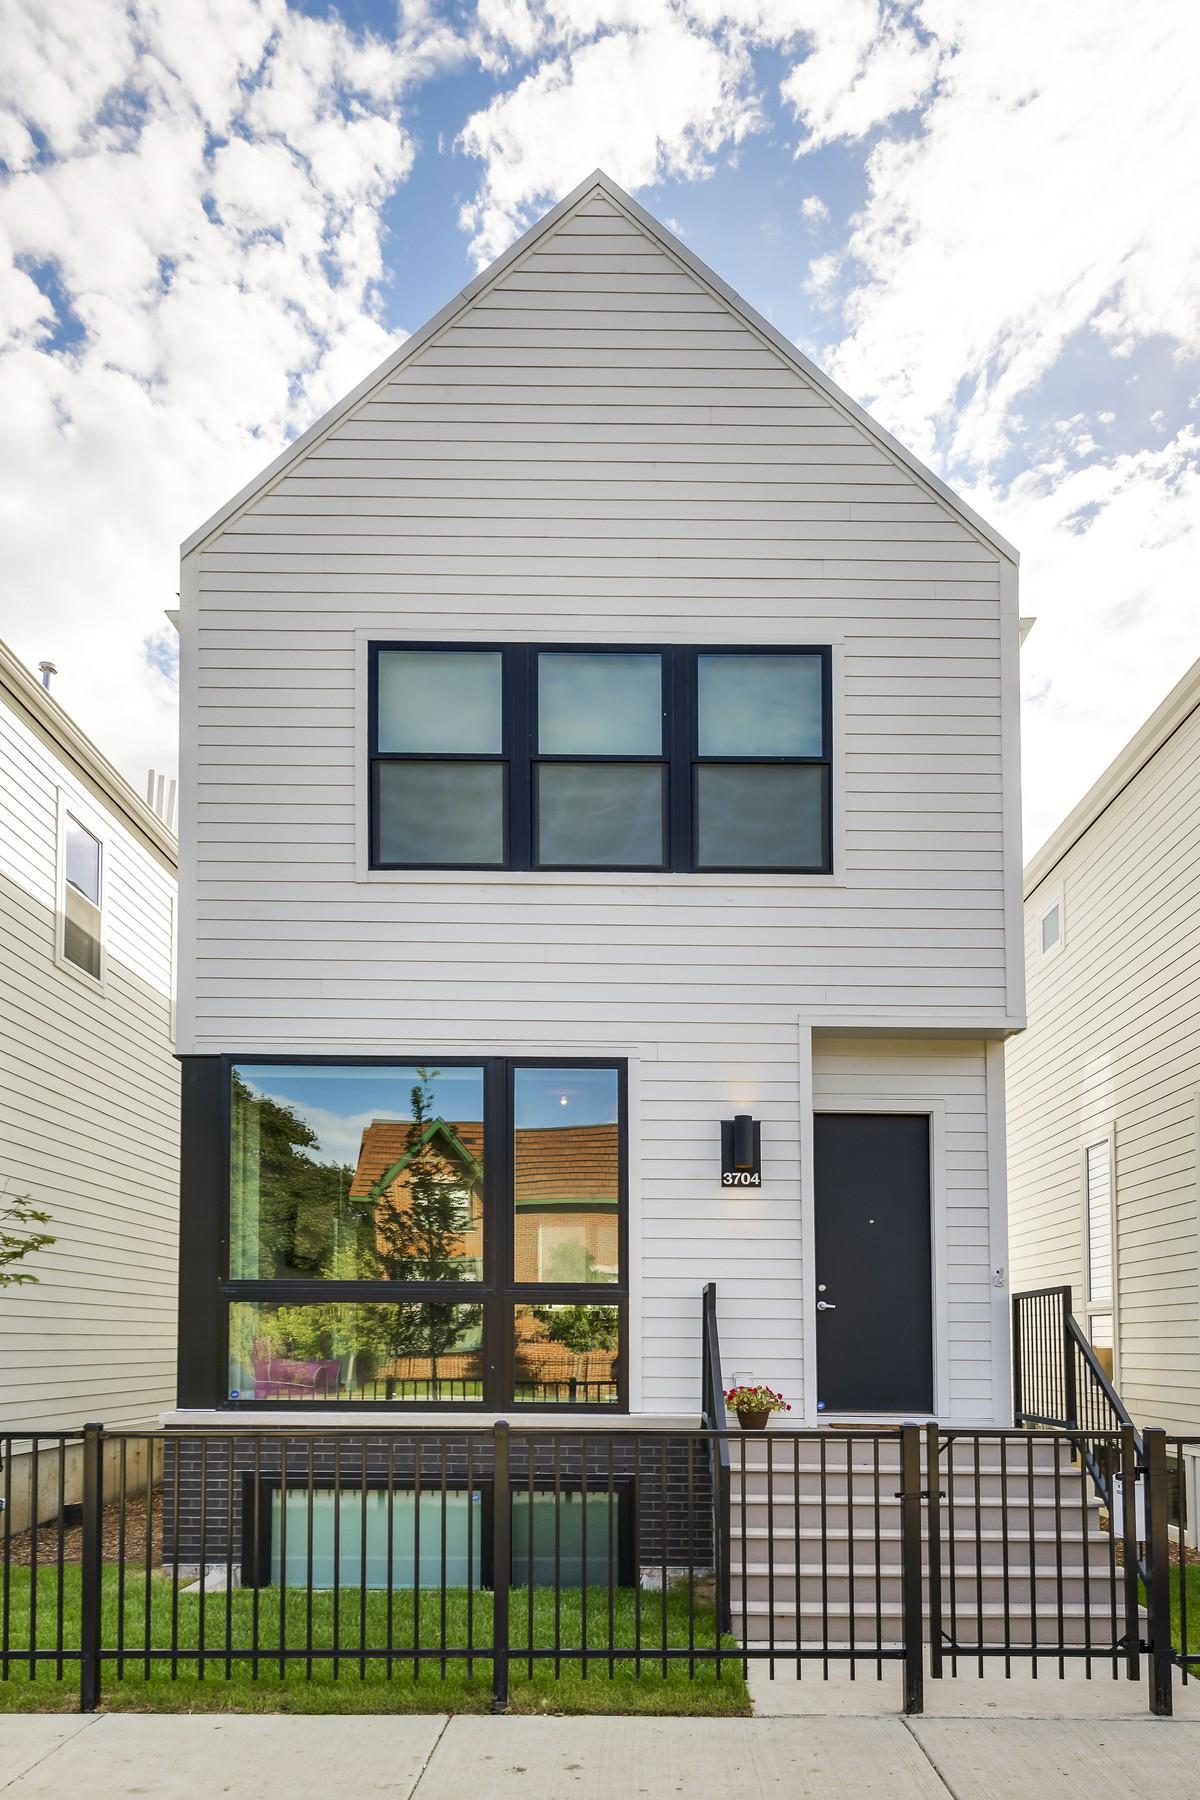 Einfamilienhaus für Verkauf beim Great New Development 4404 W Waveland Avenue Chicago, Illinois, 60641 Vereinigte Staaten